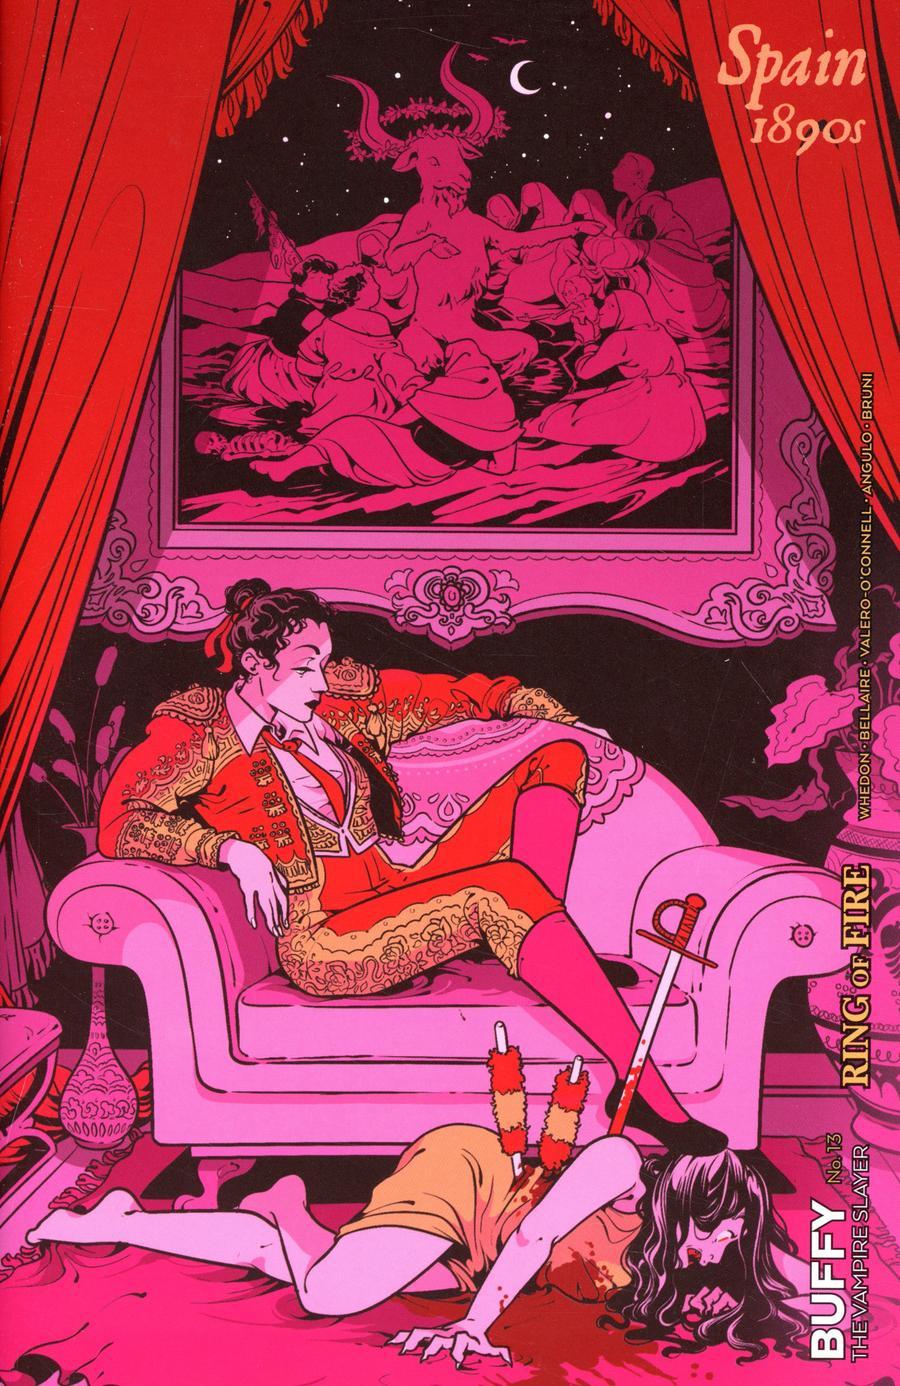 Buffy The Vampire Slayer Vol 2 #13 Cover D Variant Rosemary Valero-OConnell Chosen Ones Cover